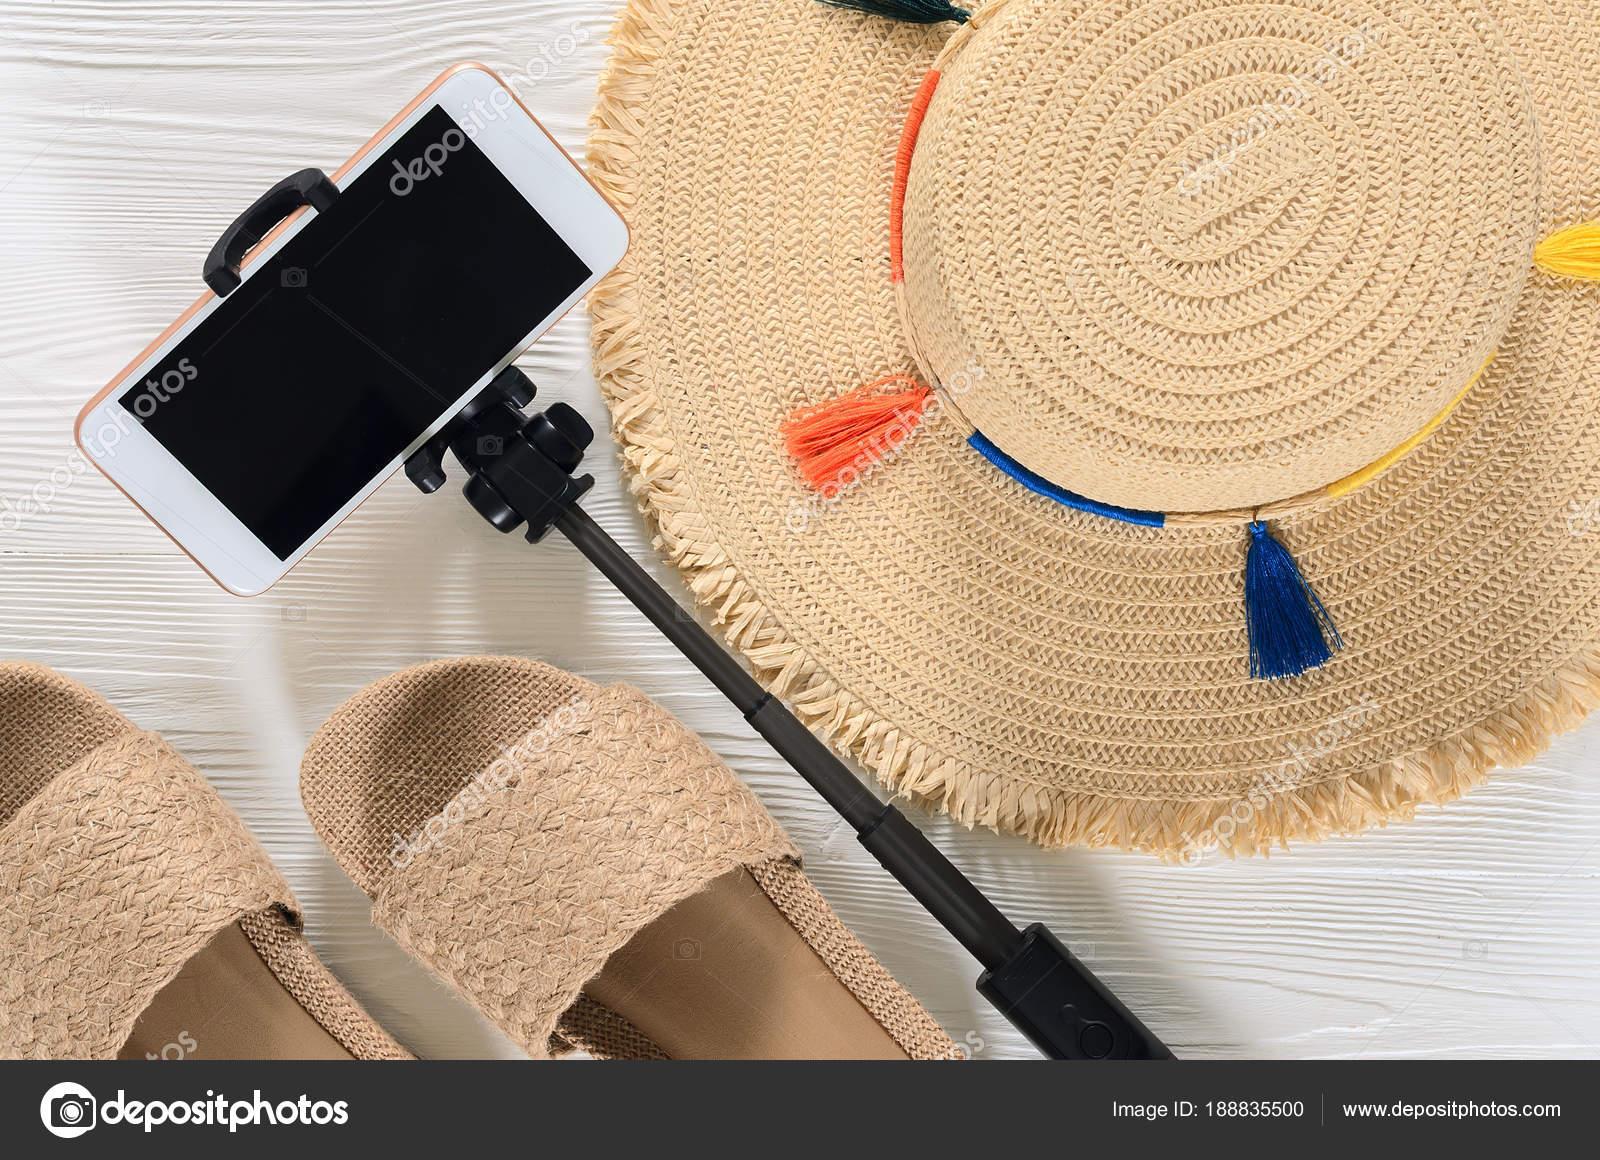 Womens Verão Acessórios E Sandálias Chapéu De Palha Celular Sel